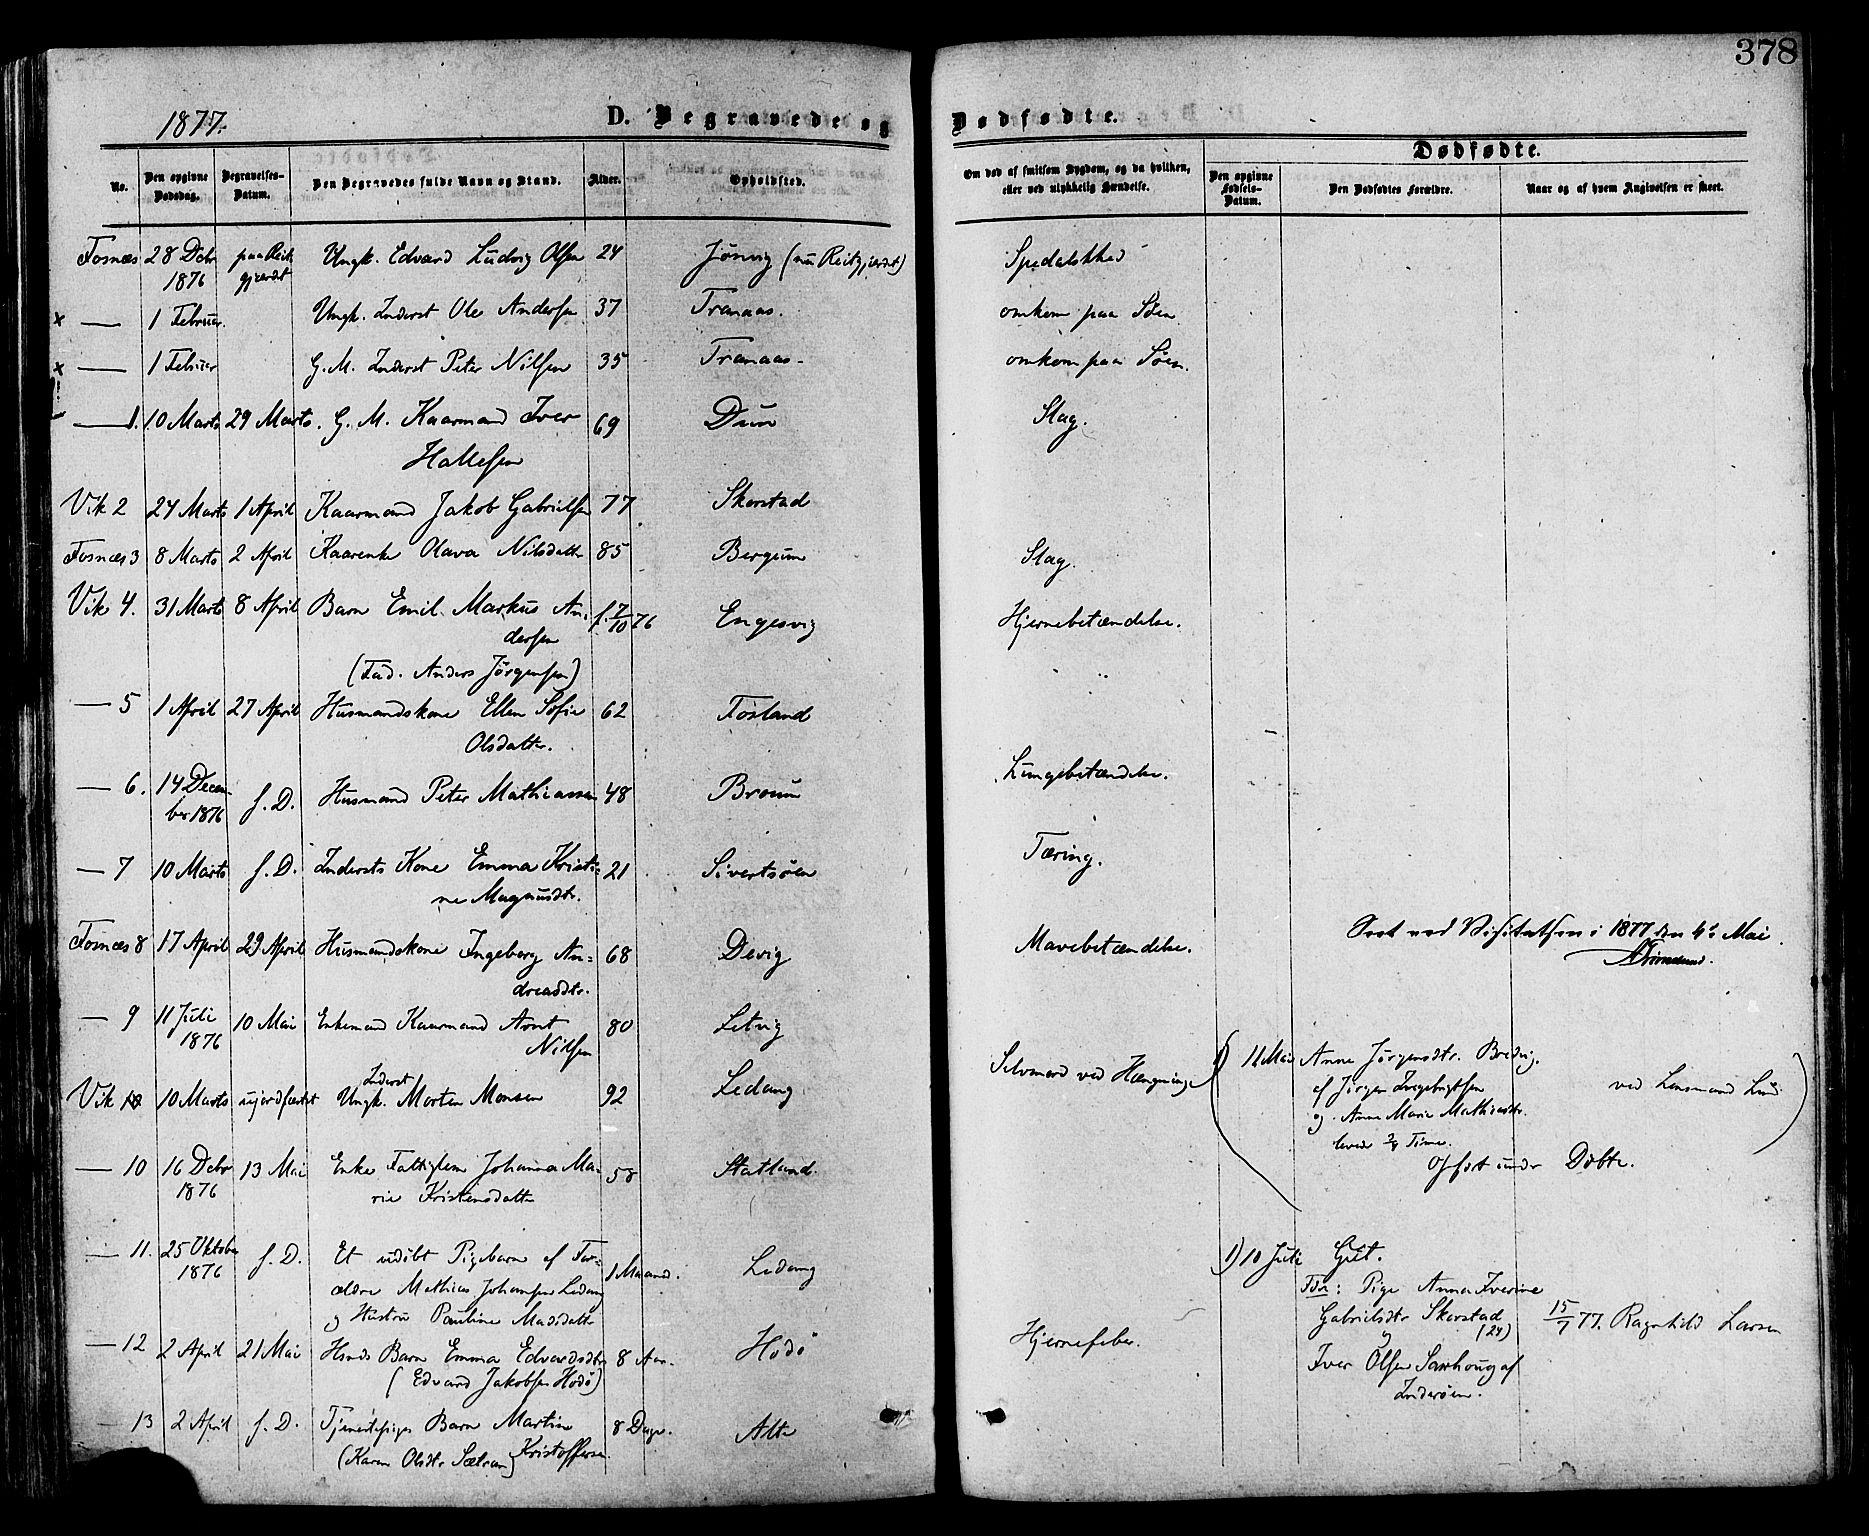 SAT, Ministerialprotokoller, klokkerbøker og fødselsregistre - Nord-Trøndelag, 773/L0616: Ministerialbok nr. 773A07, 1870-1887, s. 378